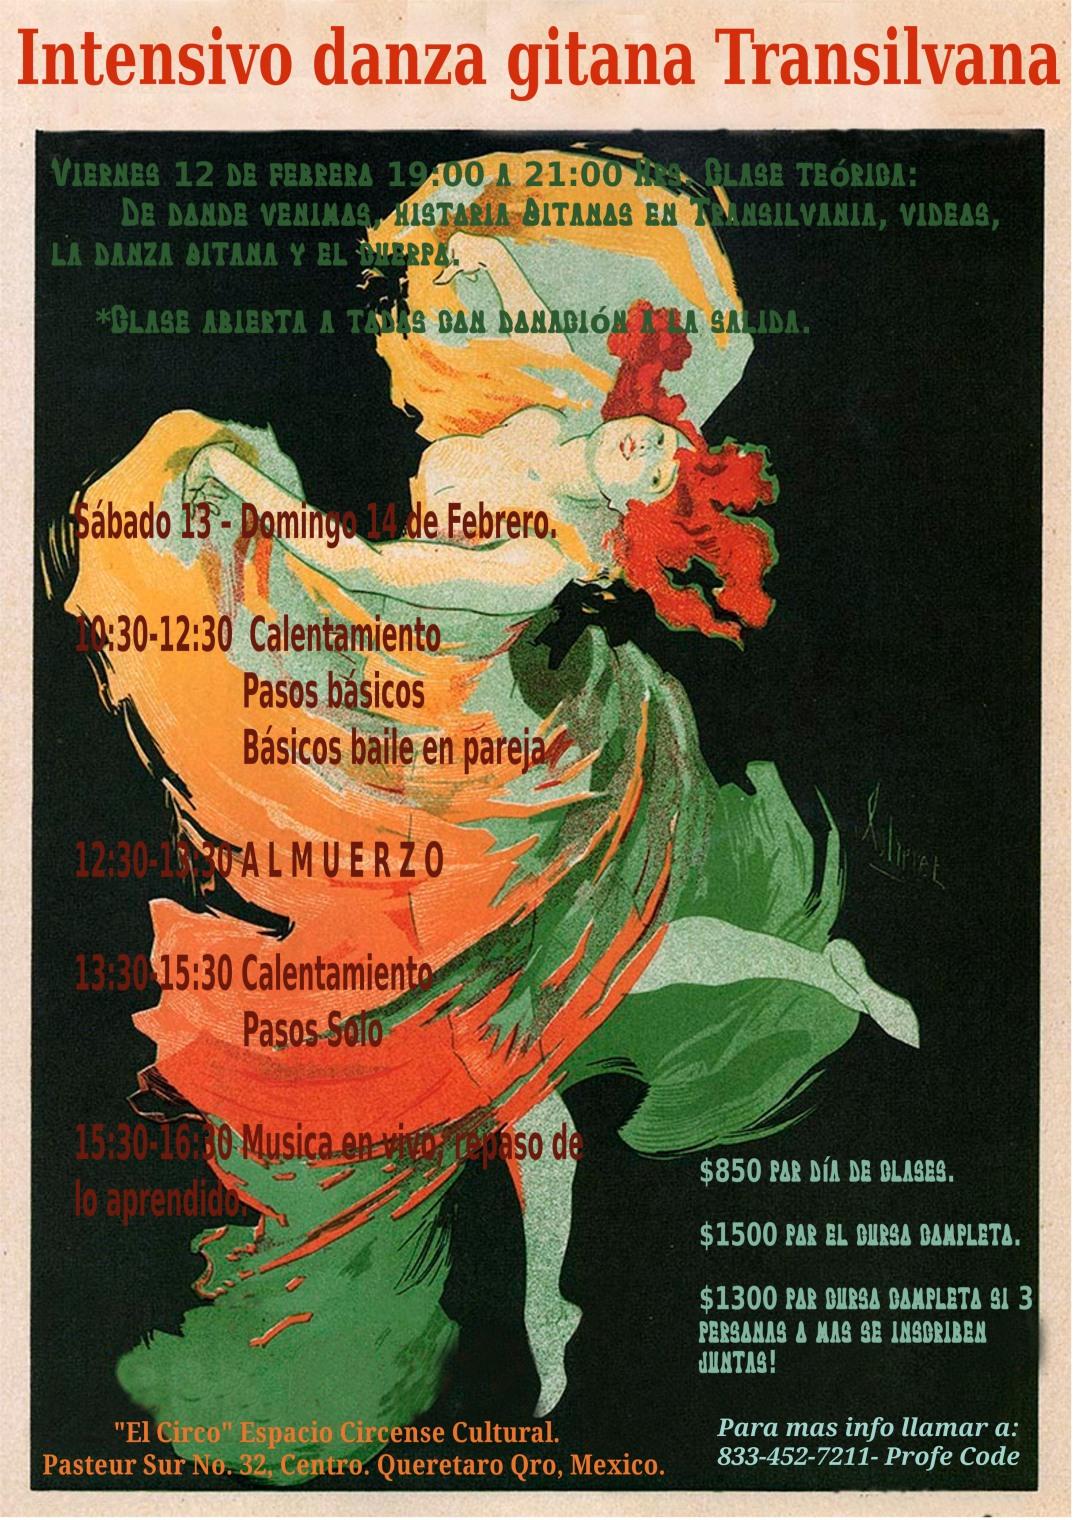 Poster clases danzanumero